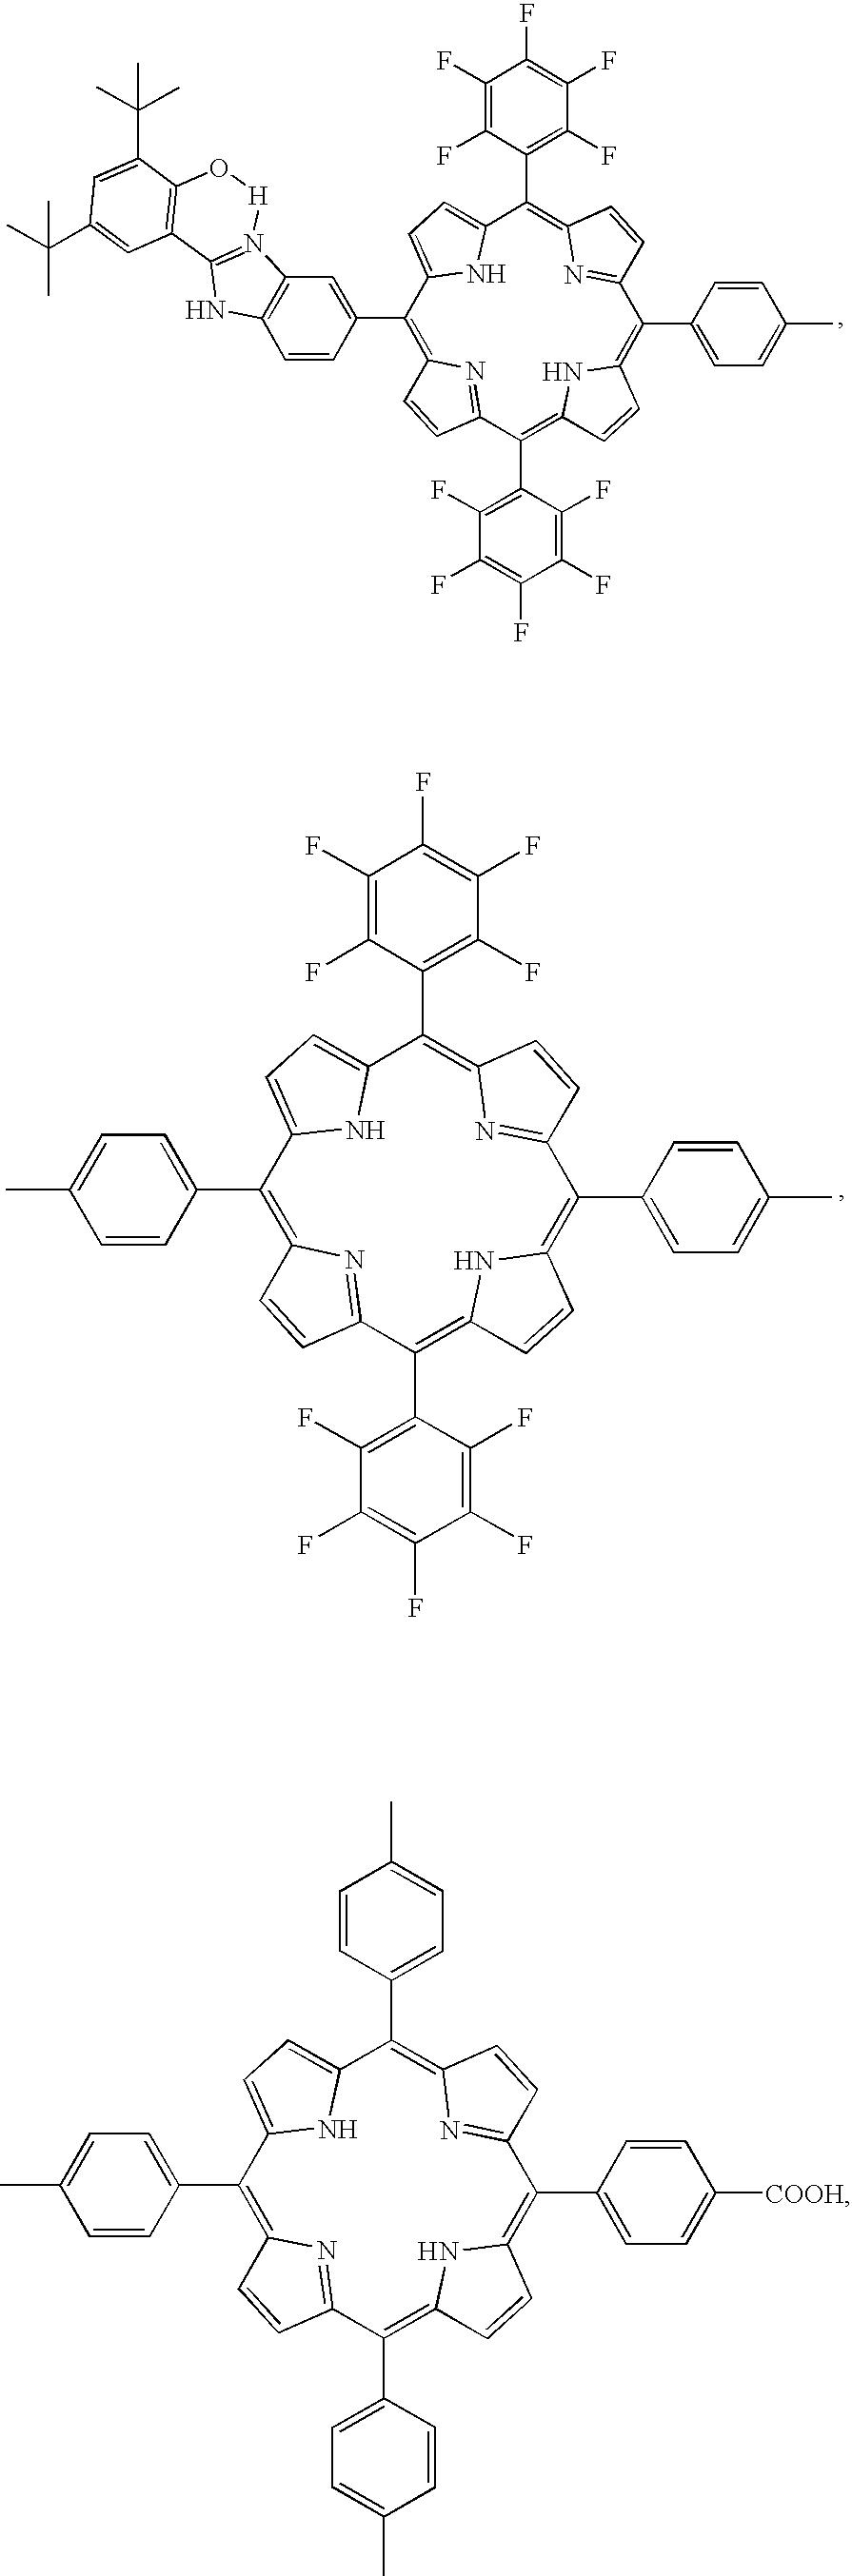 Figure US20100133110A1-20100603-C00002